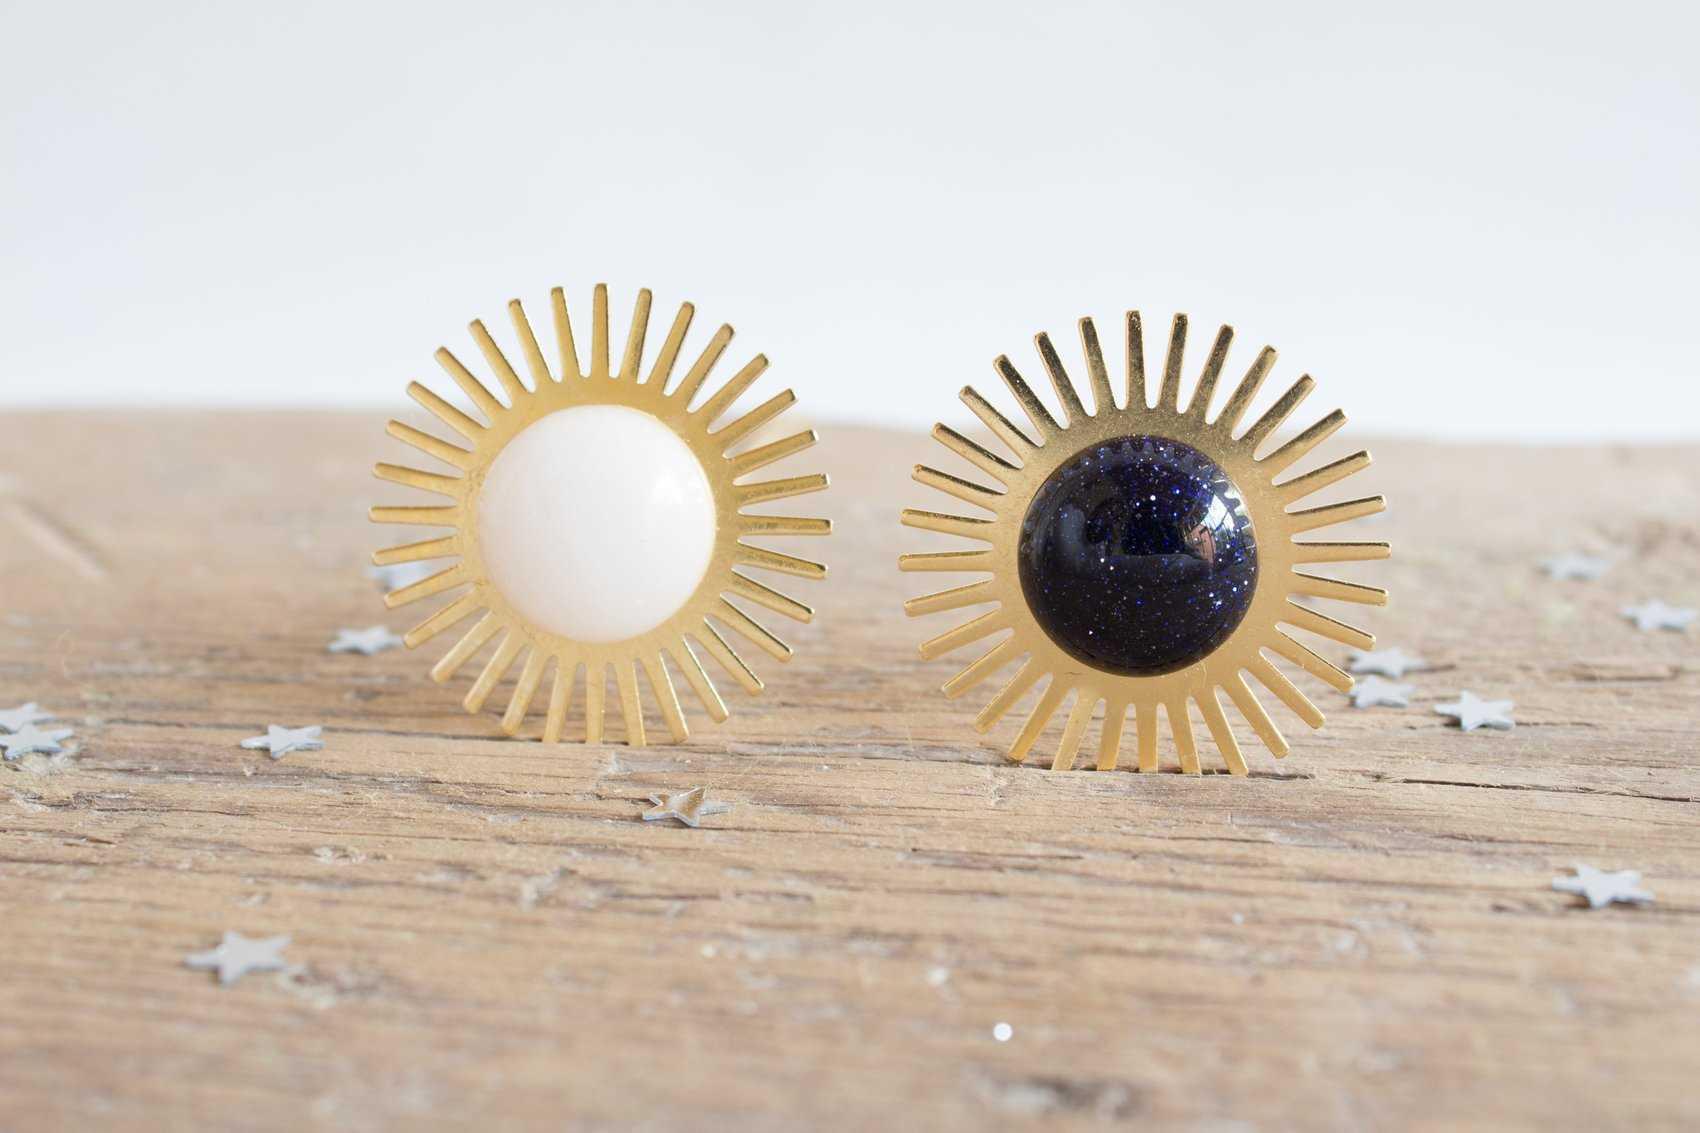 Sol Colgante/Necklace